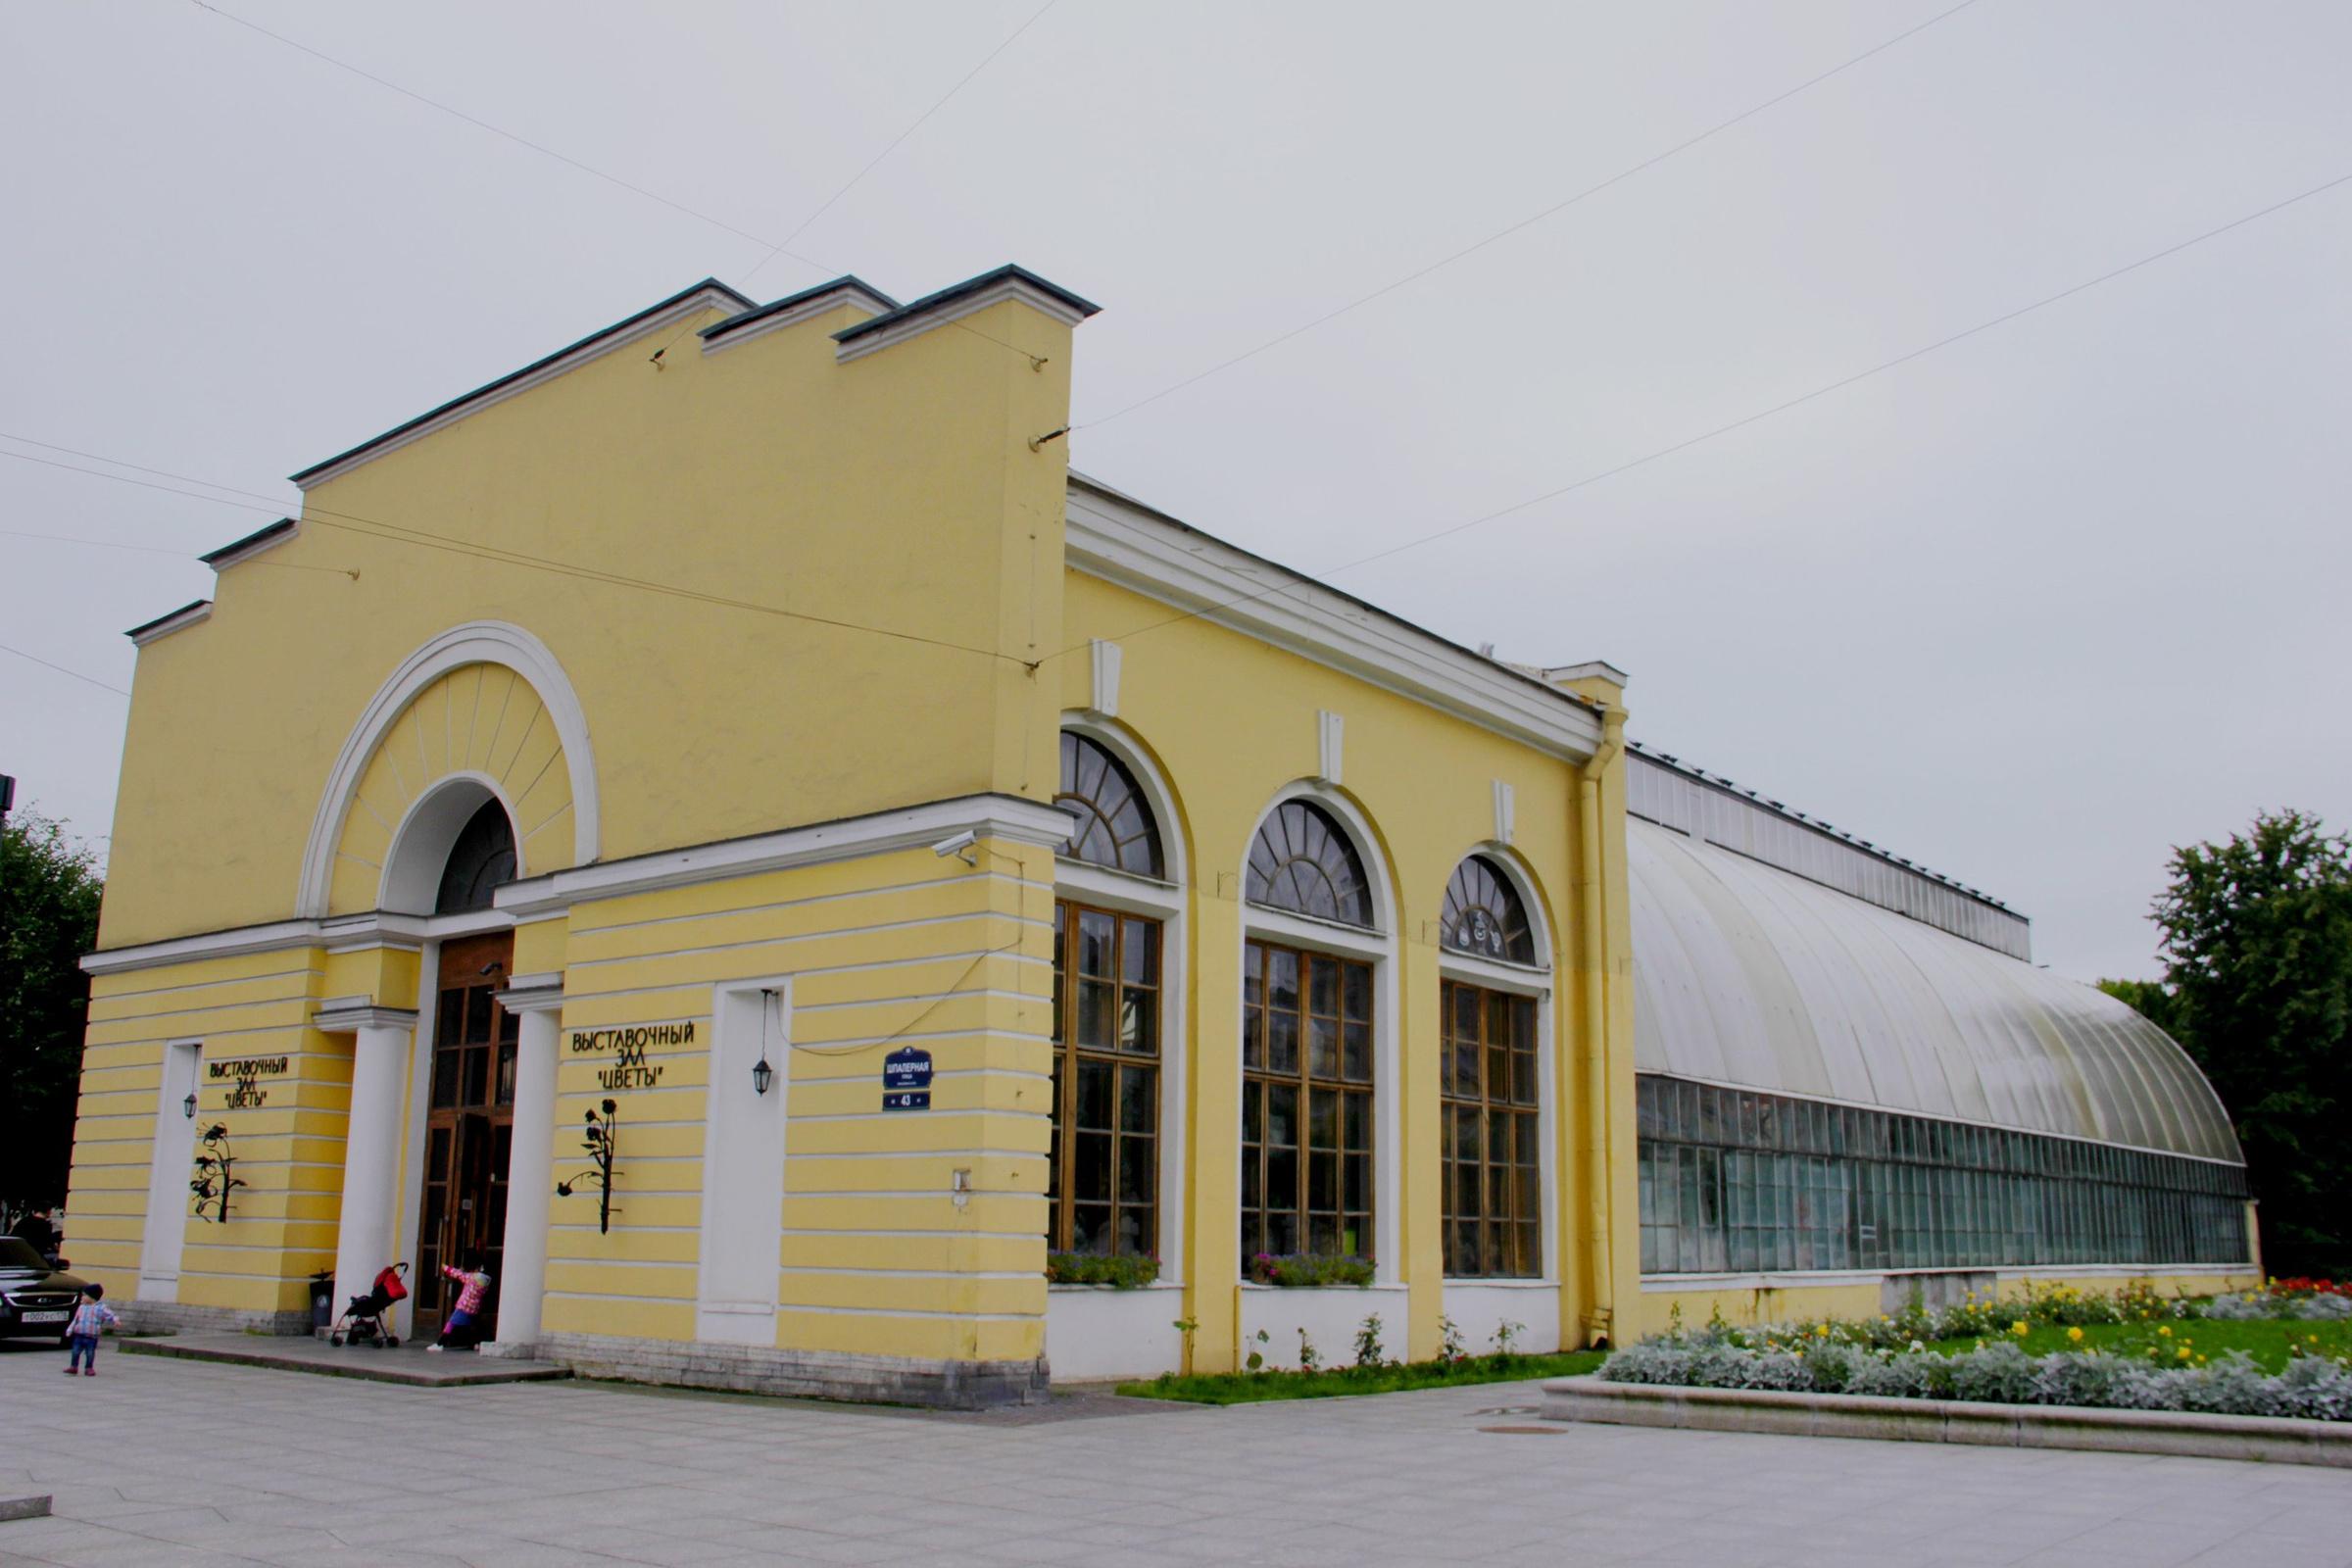 Оранжерея Таврического сада. Фото © VK / Оранжерея Таврического сада / Елизавета Макарова